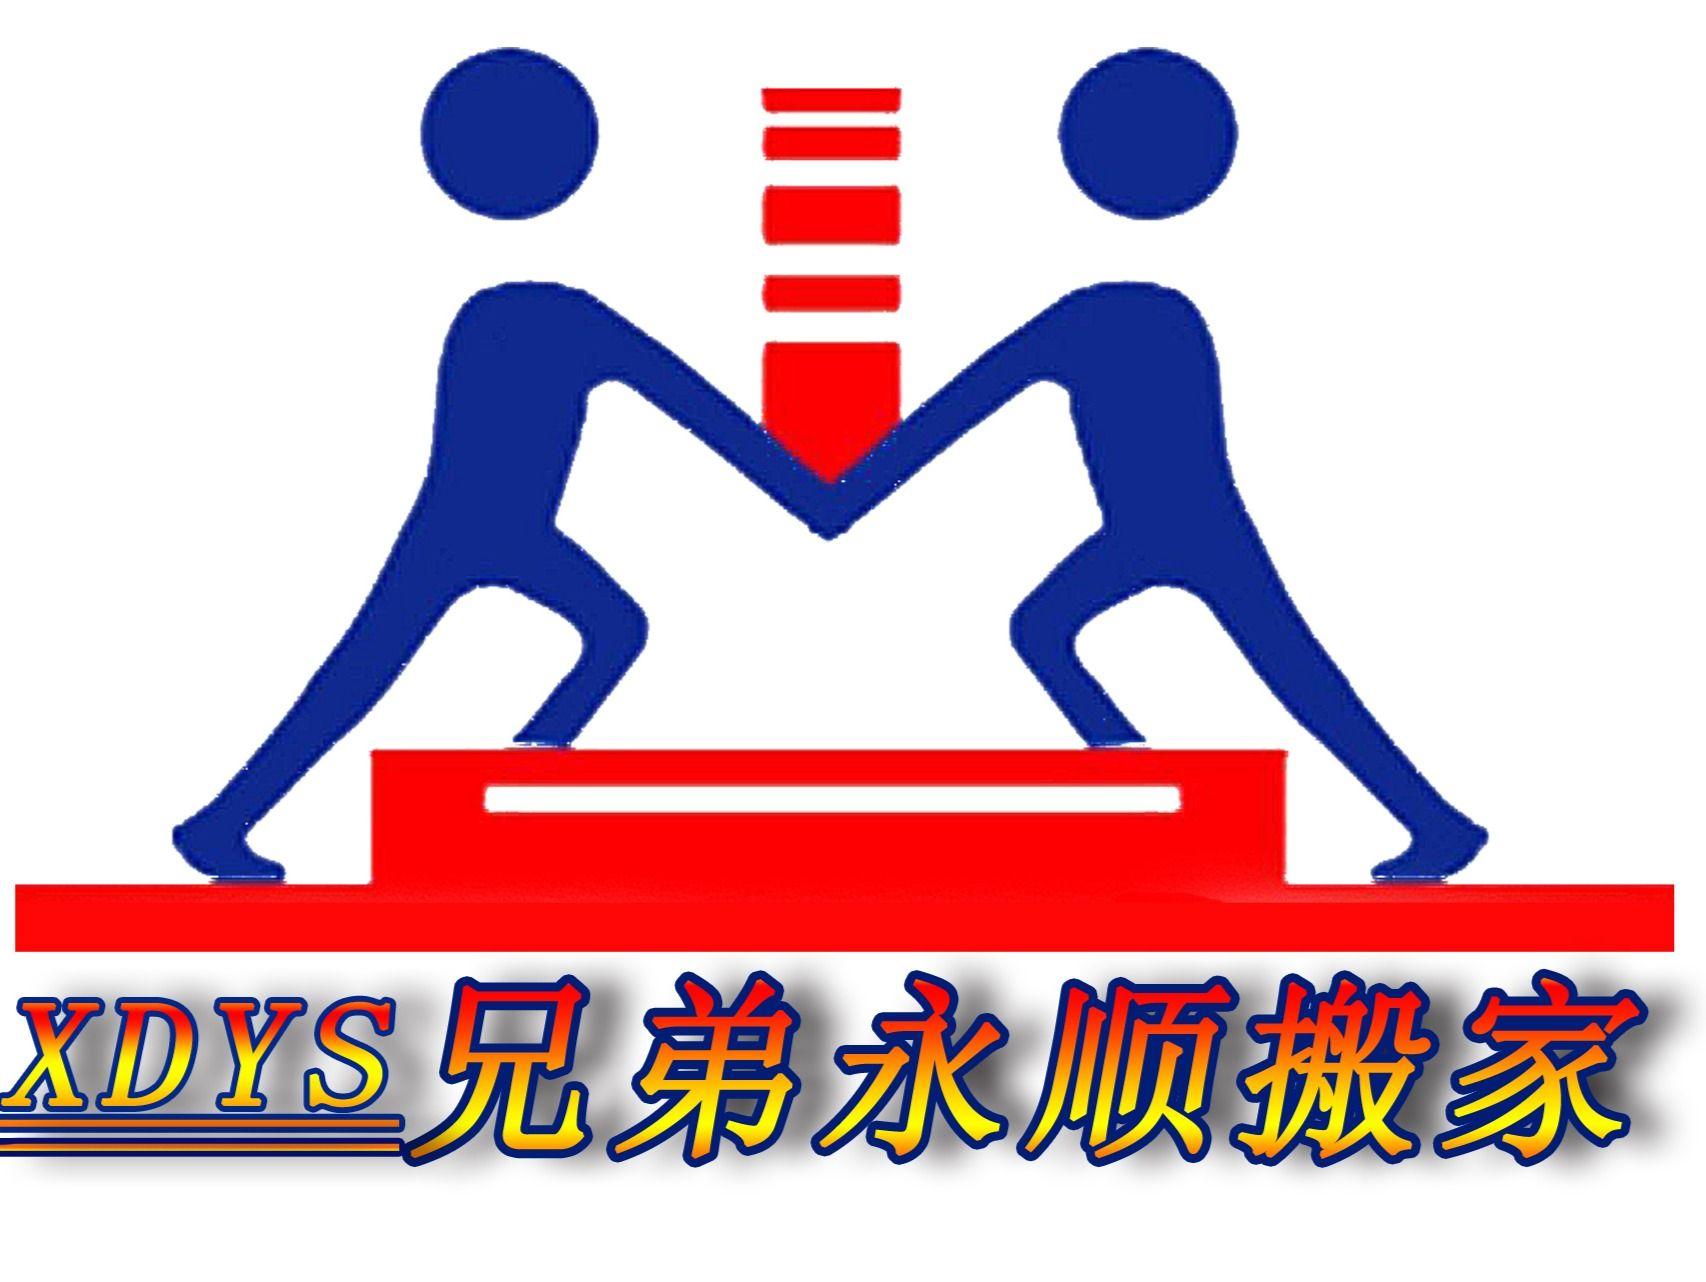 logo 标识 标志 设计 矢量 矢量图 素材 图标 1706_1282